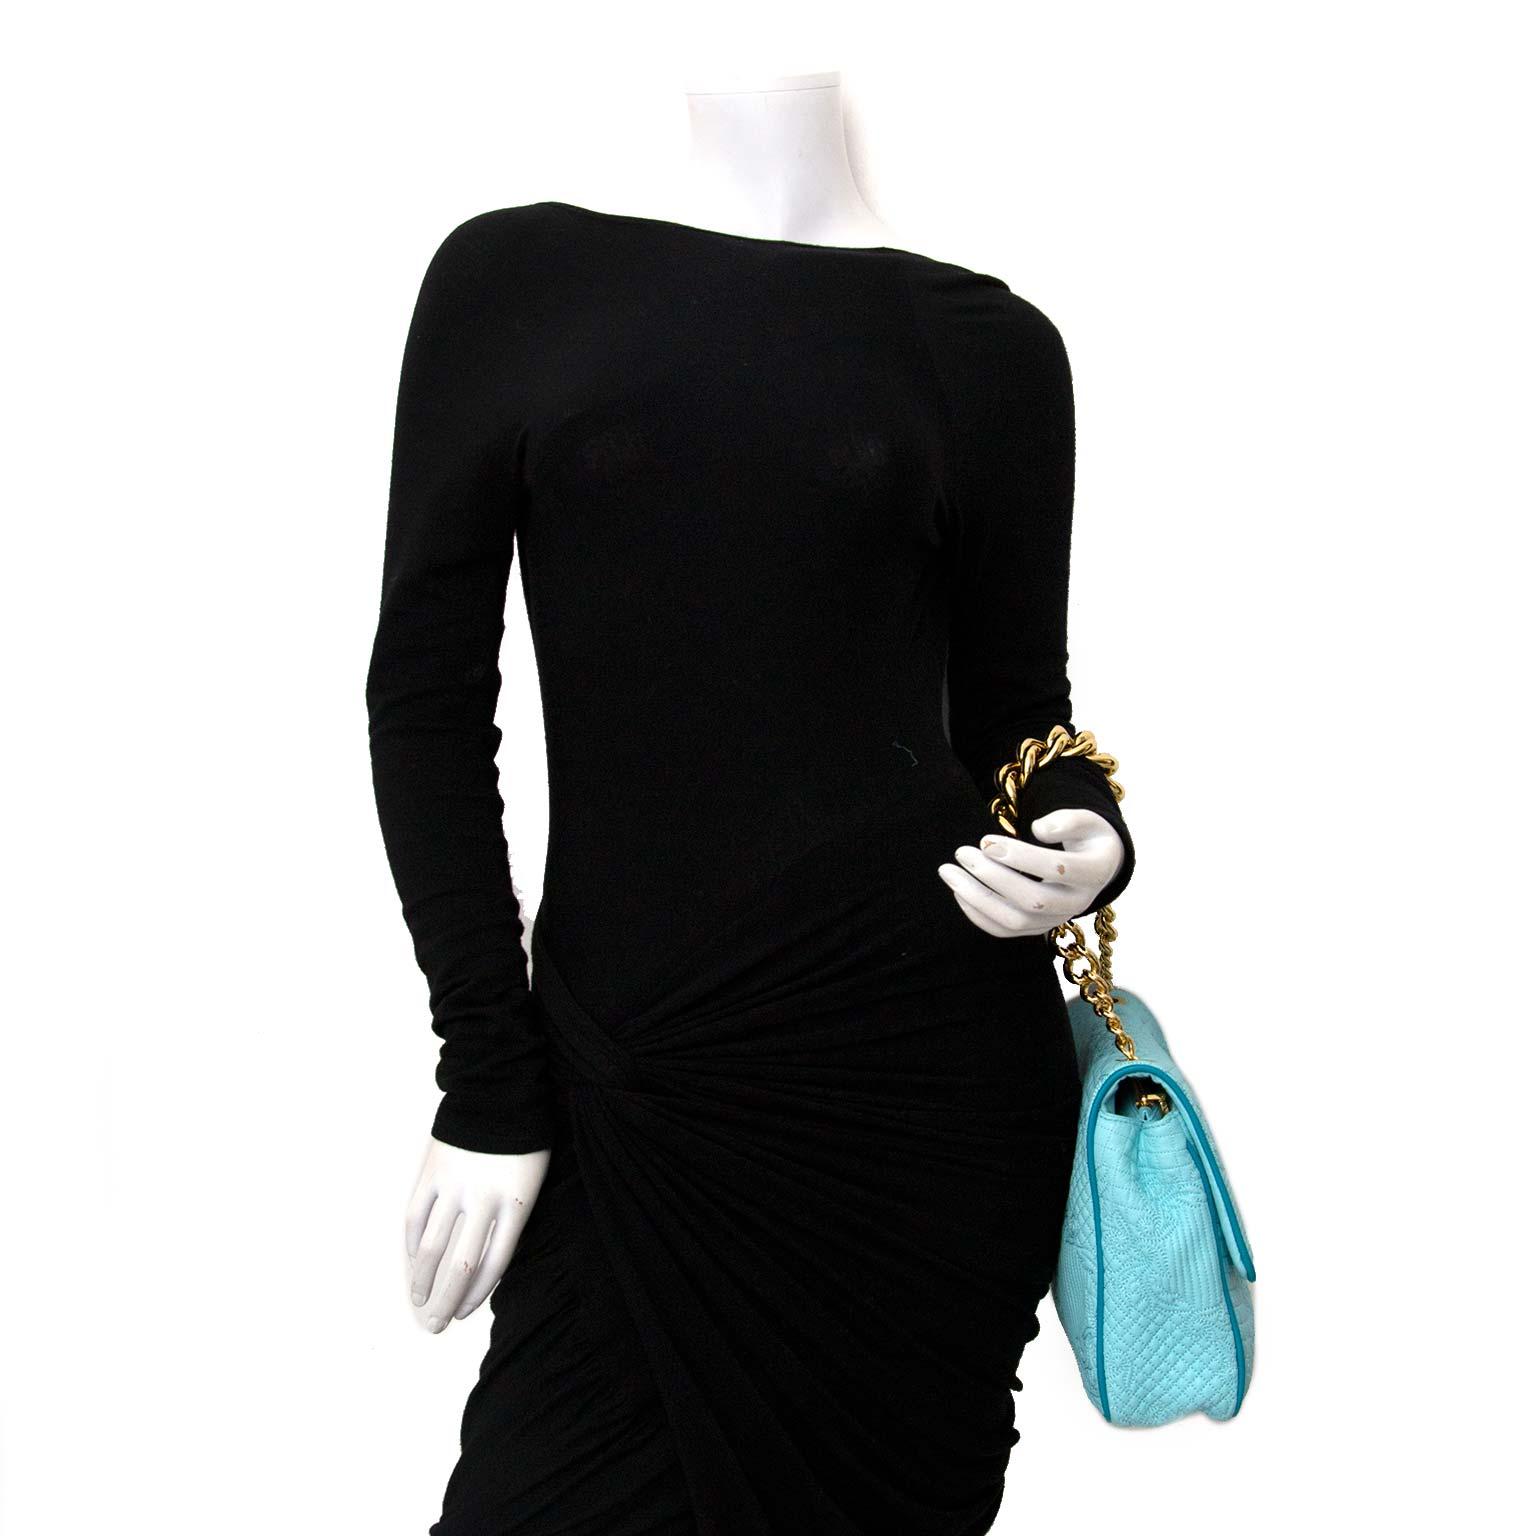 acheter en ligne pour le meilleur prix Versace Turquoise Quilted Leather